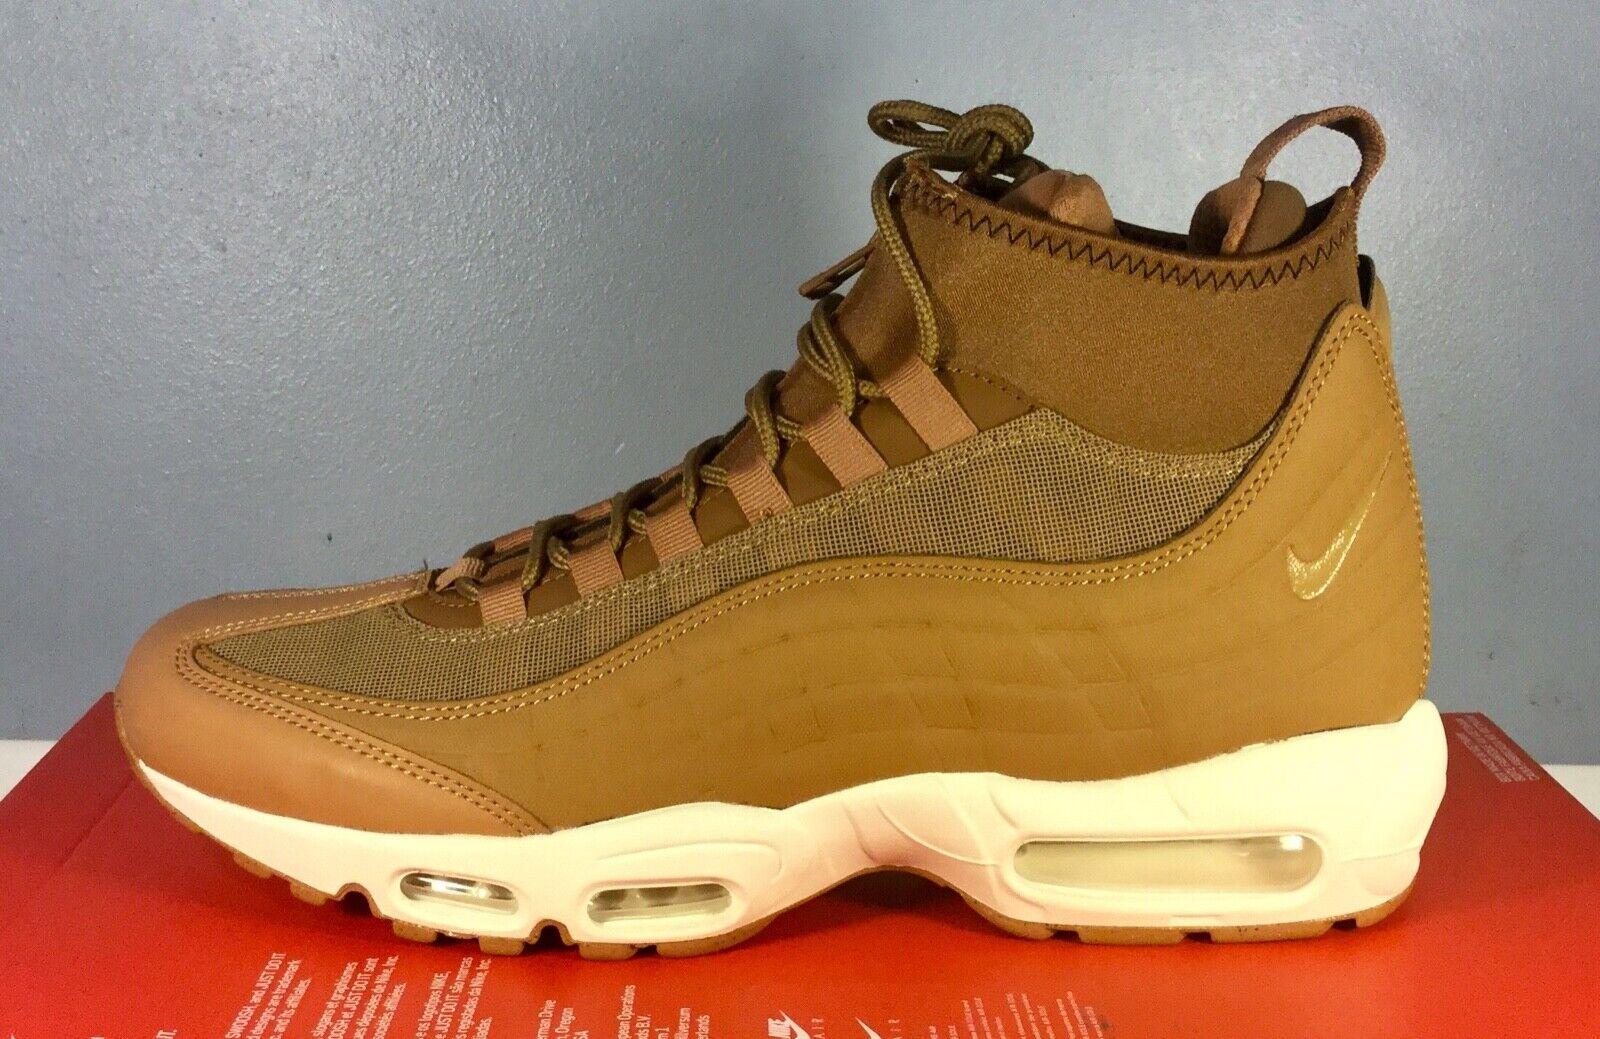 912923fc215 Nike Air Max 95 Sneakerboot. (Sz ) (806809 201). 201). 201). 6dca5c ...